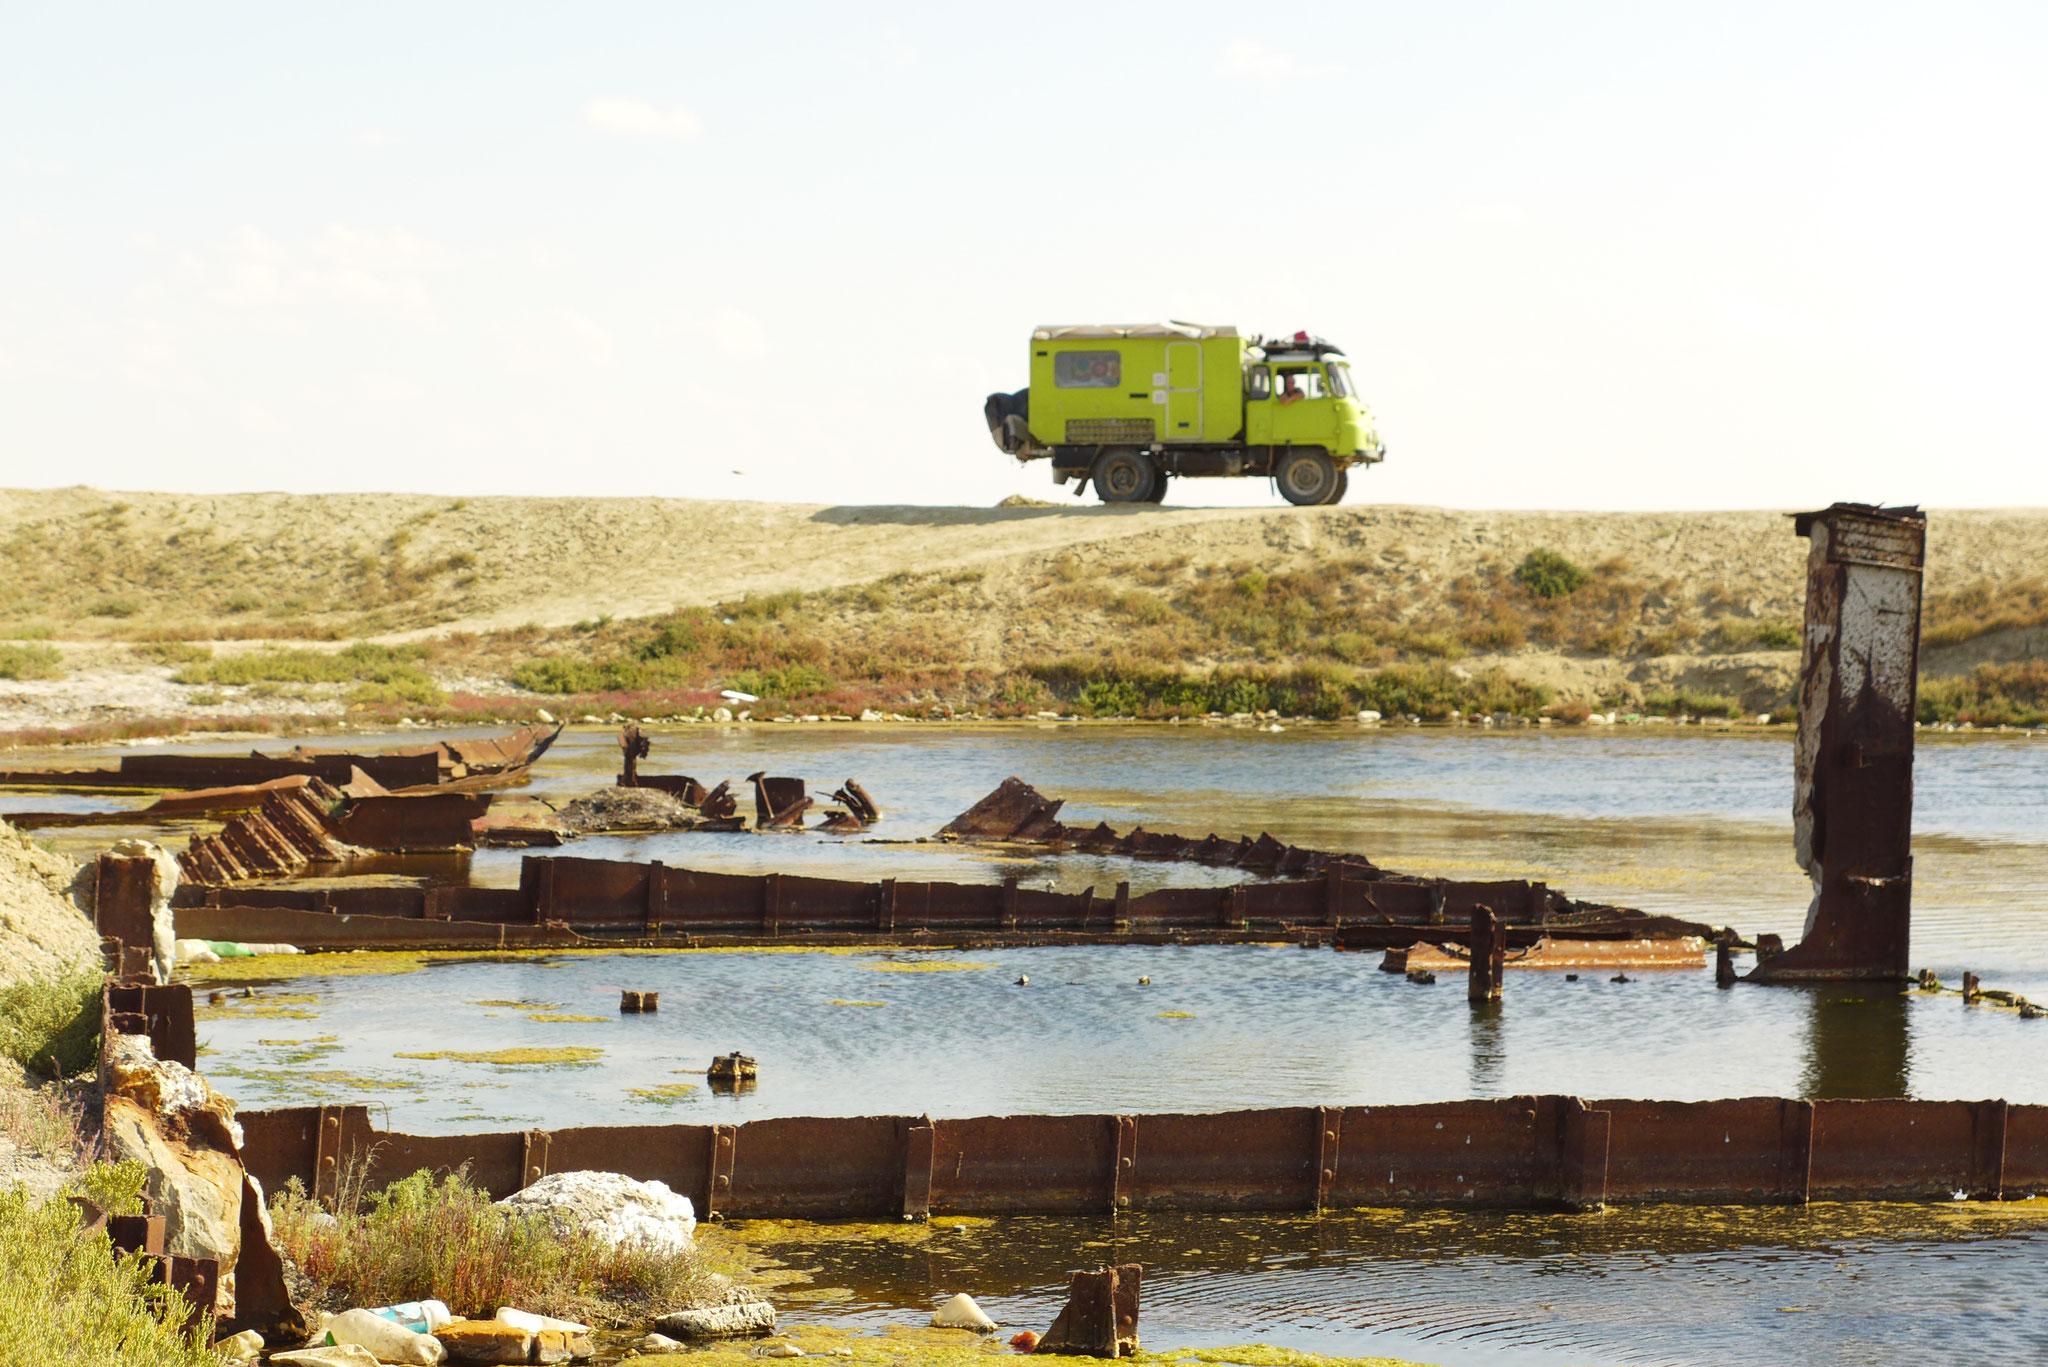 Der See war zwischenzeitlich so geschrumpft, dass sein Ufer 100km entfernt lag. Heute sind es nur noch 20...